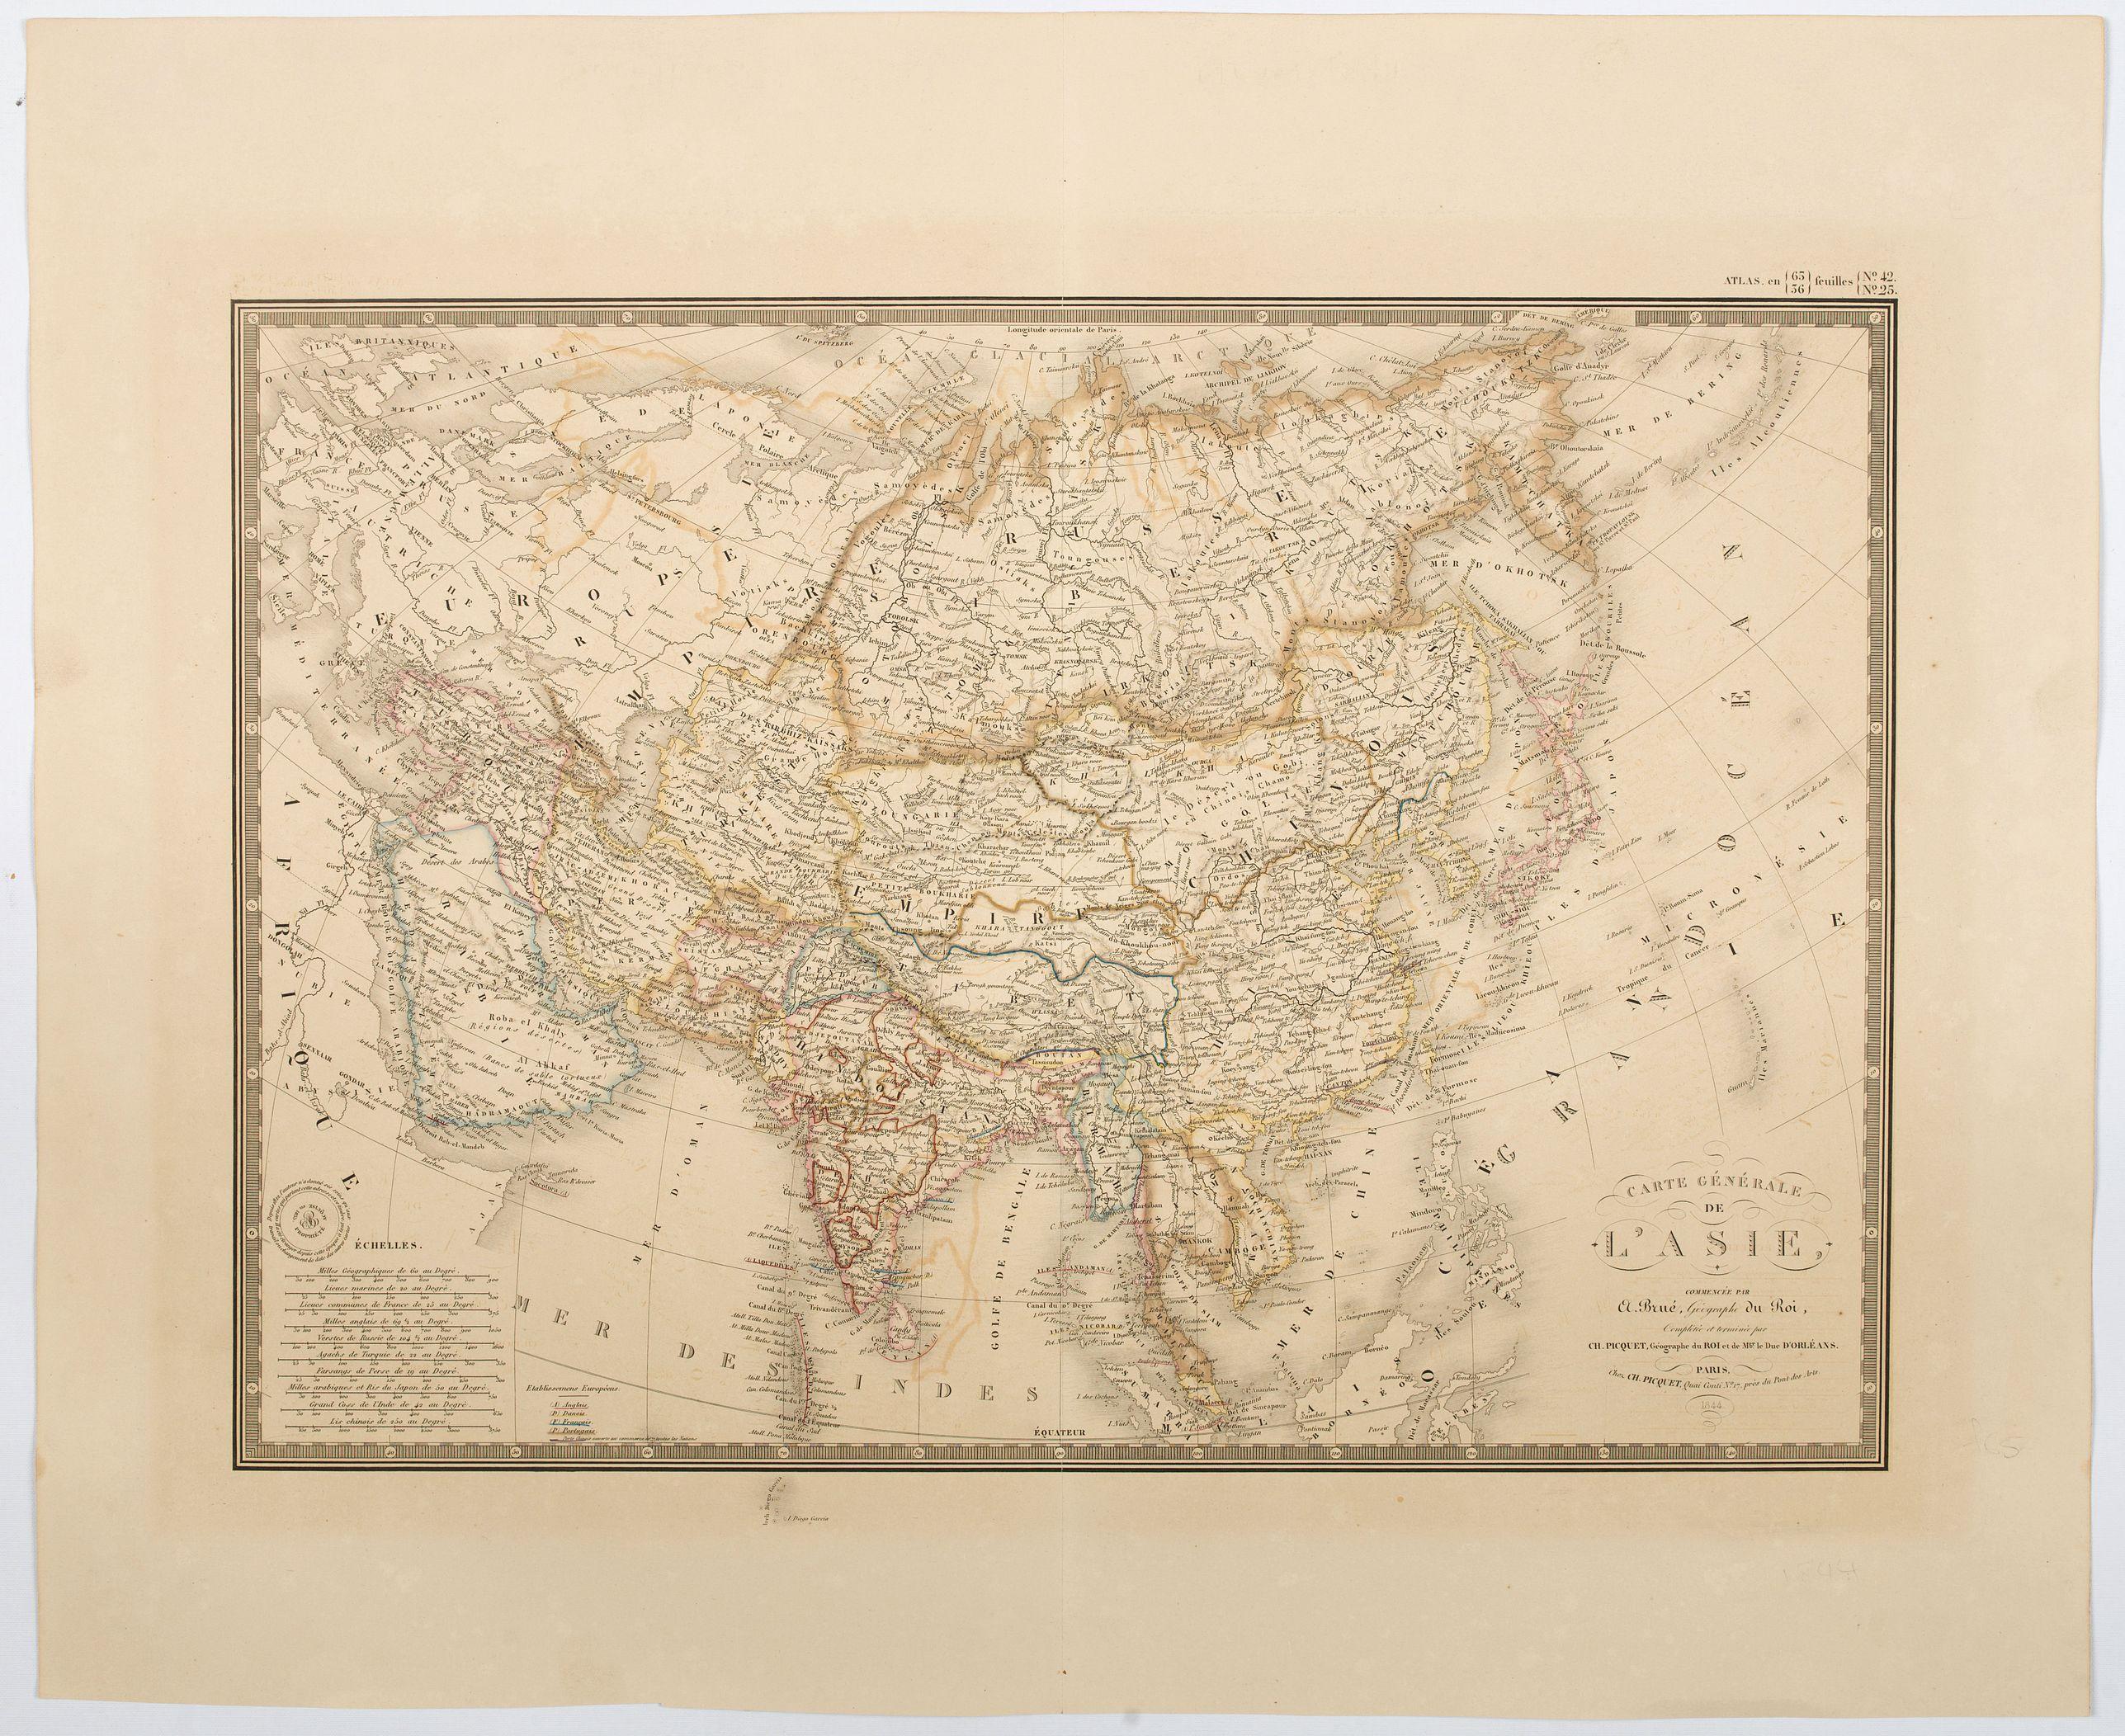 BRUE, A.H. - Carte Generale de L'Asie.